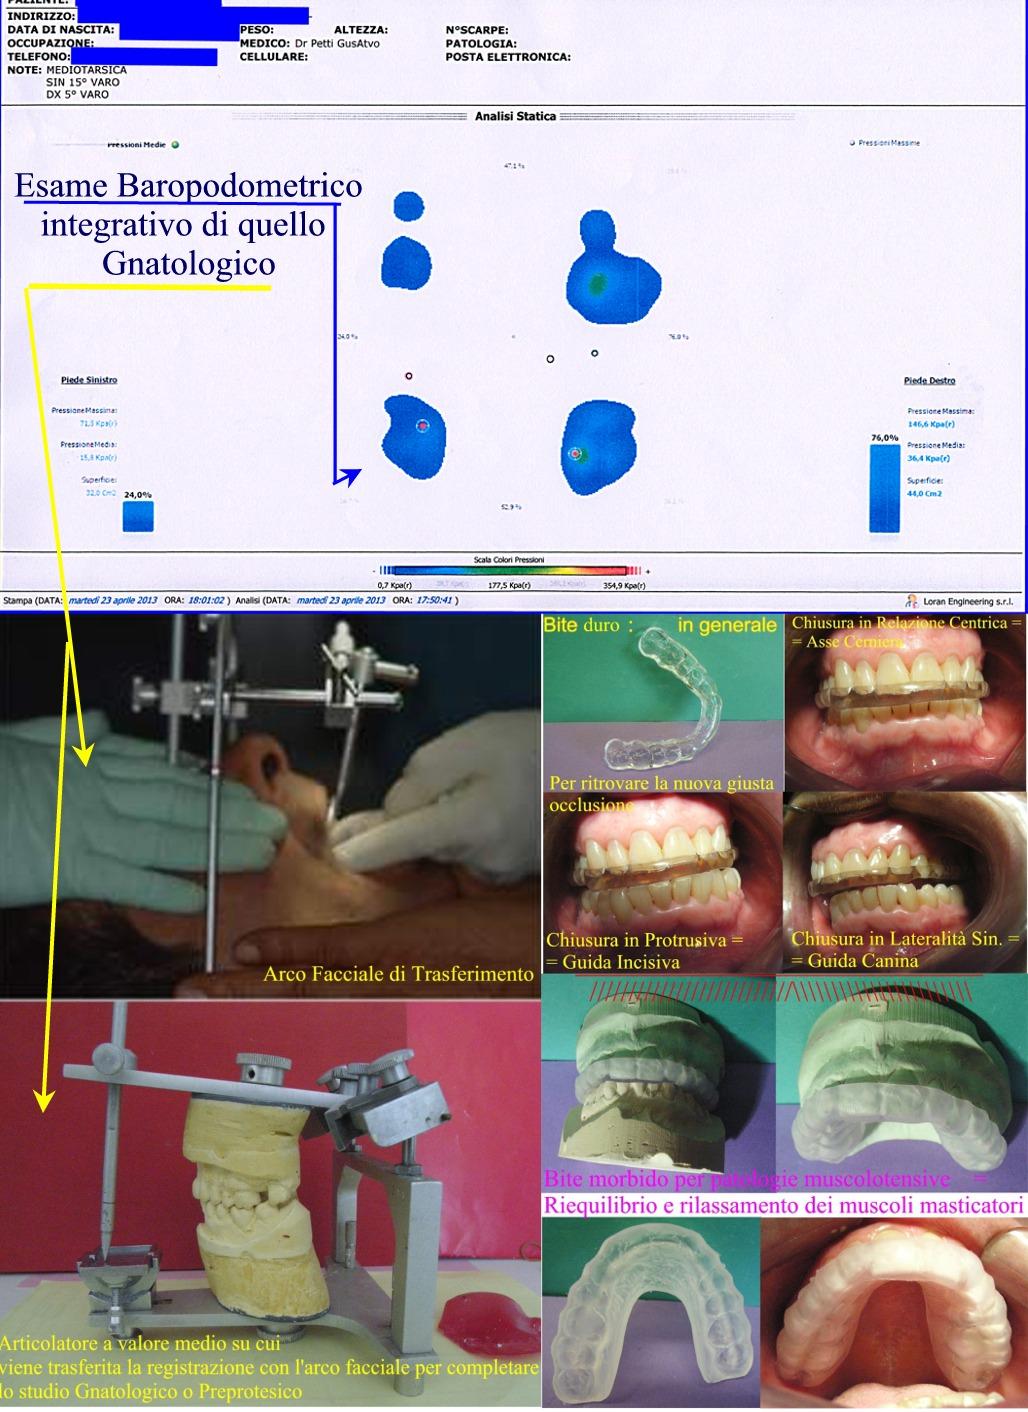 Diversi tipi di Bite ed Arco Facciale di Trasferimento e Esame Statimetrico come parte minima di una Valutazione Gnatologica. Da Dr. Gustavo Petti Parodontologo Gnatologo di Cagliari